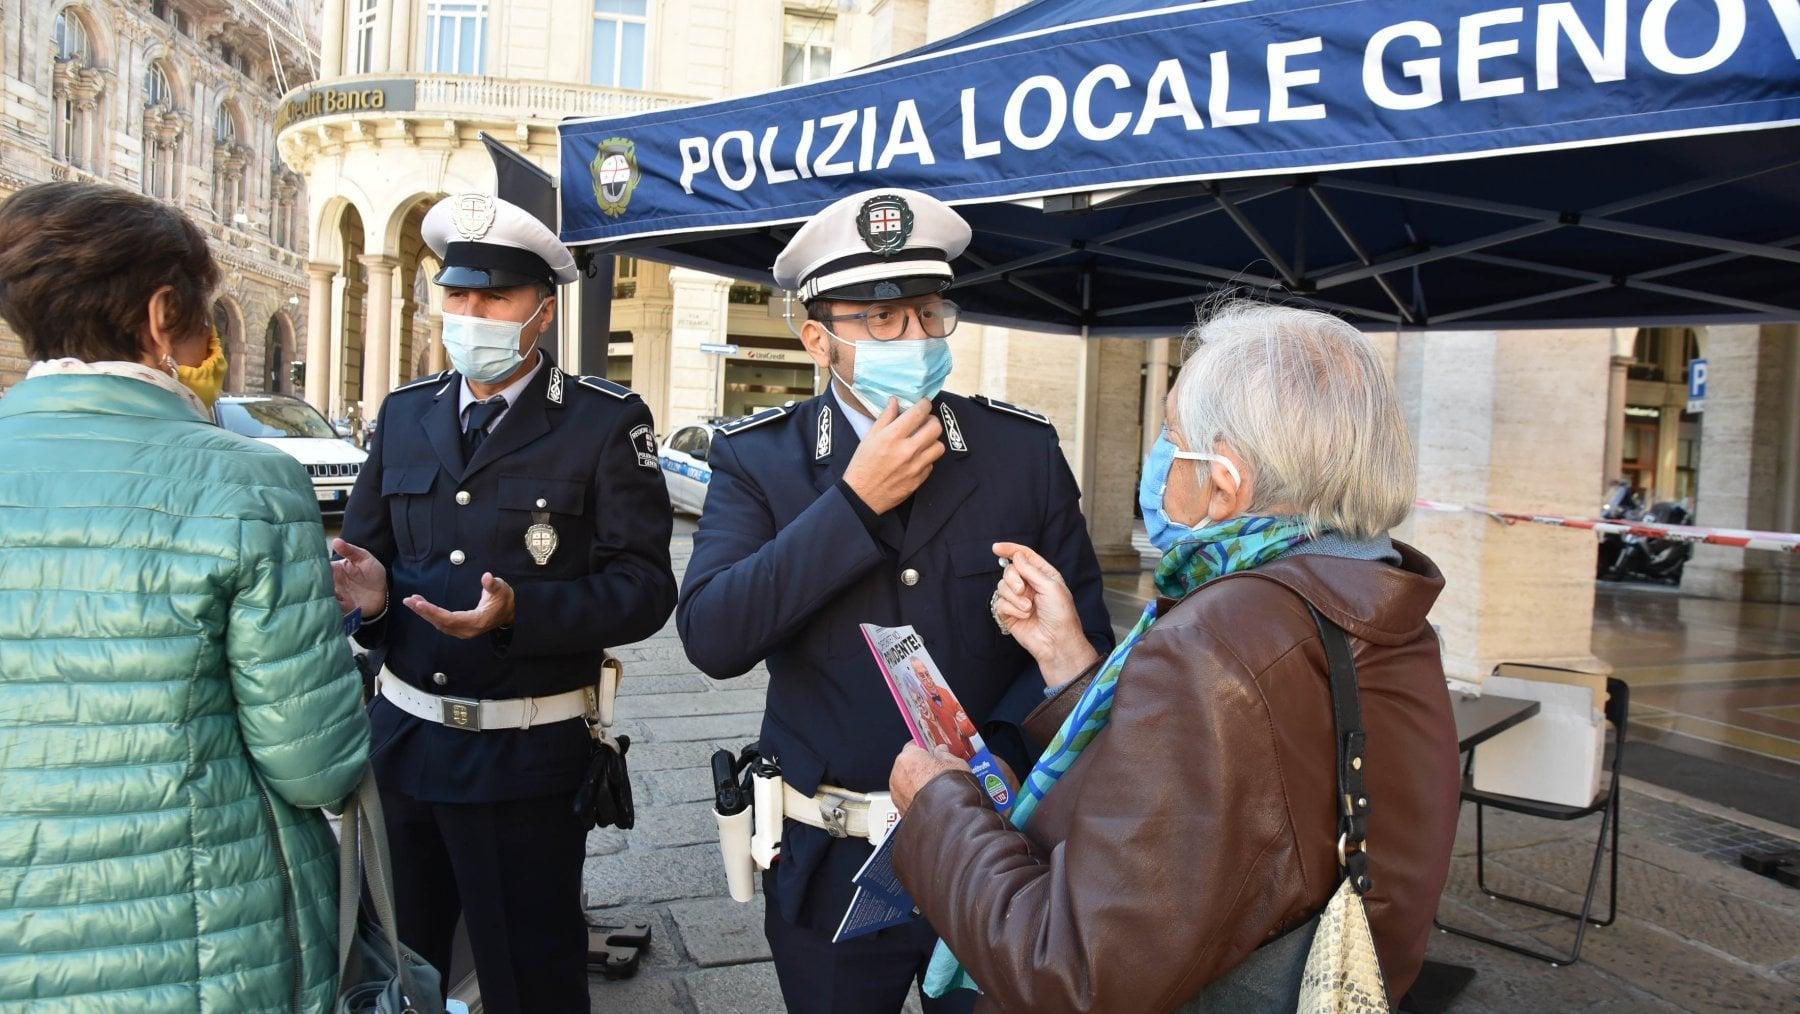 """182405427 51be542d a0f2 4302 9bb0 f46c929fa77c - De Luca, scuole chiuse in Campania fino al 30 ottobre. La ministra Azzolina: """"Decisione grave e sbagliata"""""""